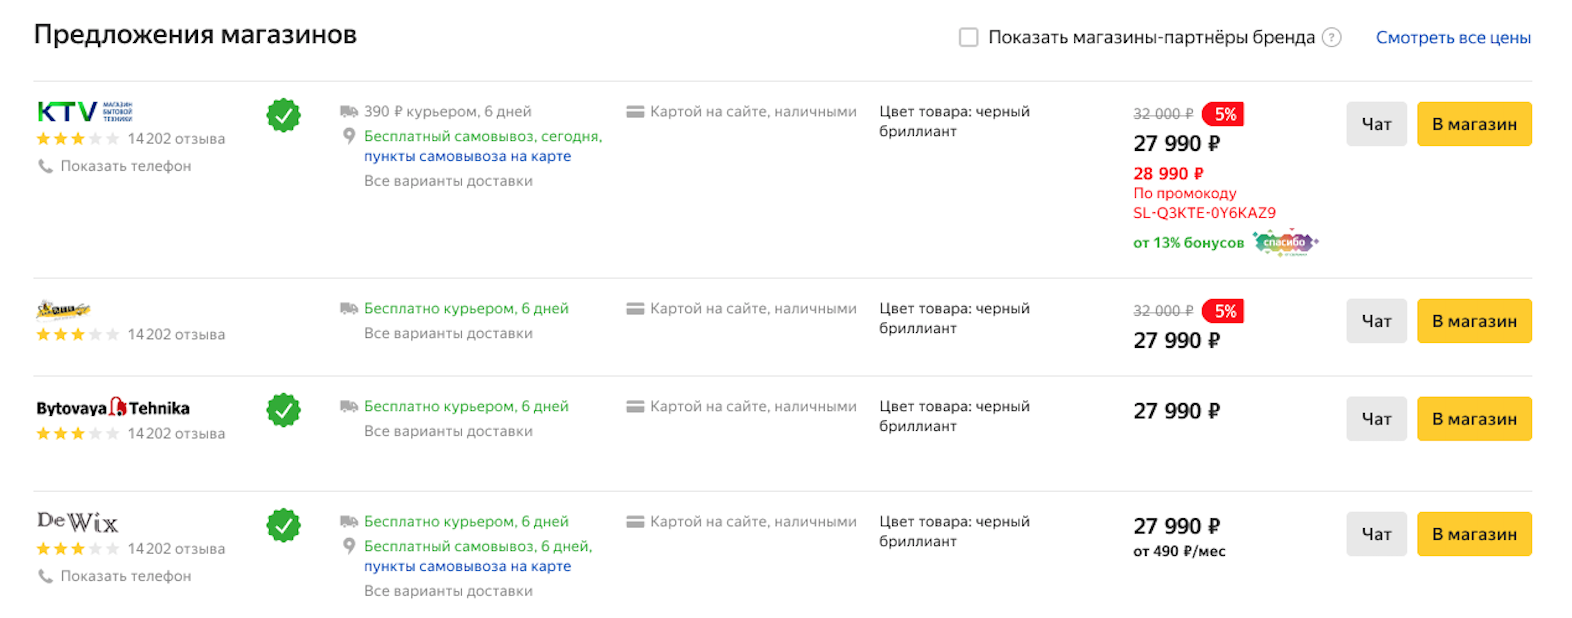 Новые возможности для продвижения магазинов-партнеров на Яндекс.Маркете